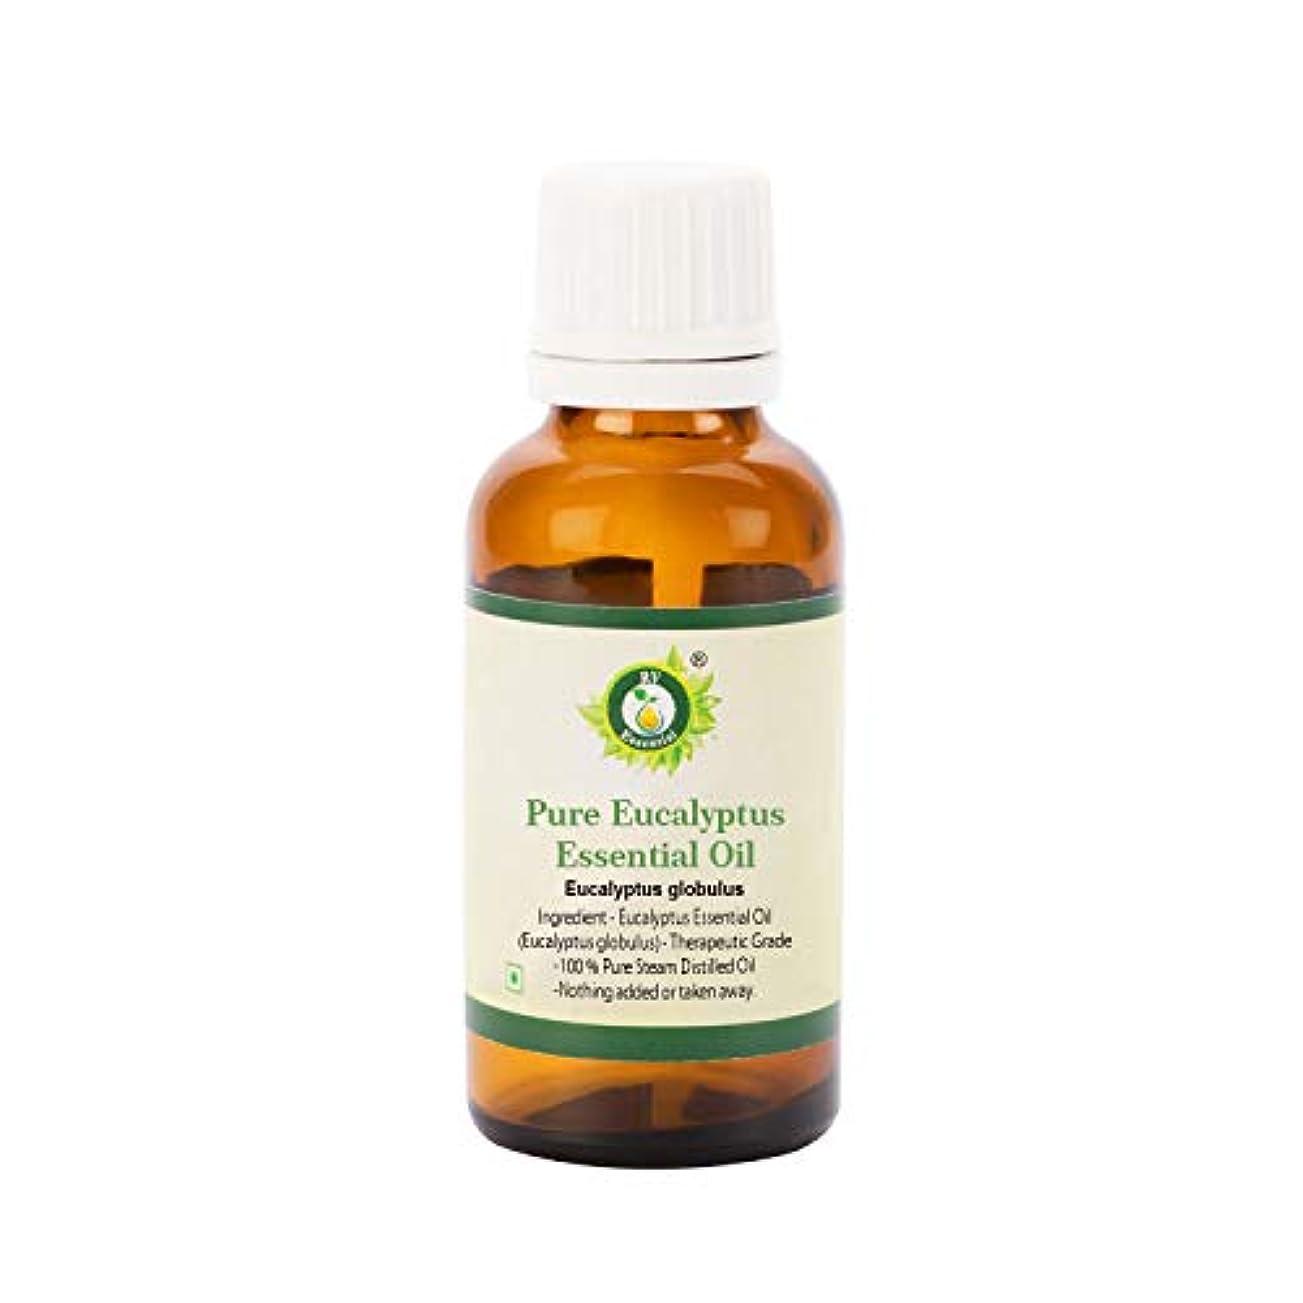 好意航空会社聖書R V Essential ピュアユーカリエッセンシャルオイル50ml (1.69oz)- Eucalyptus globulus (100%純粋&天然スチームDistilled) Pure Eucalyptus Essential...